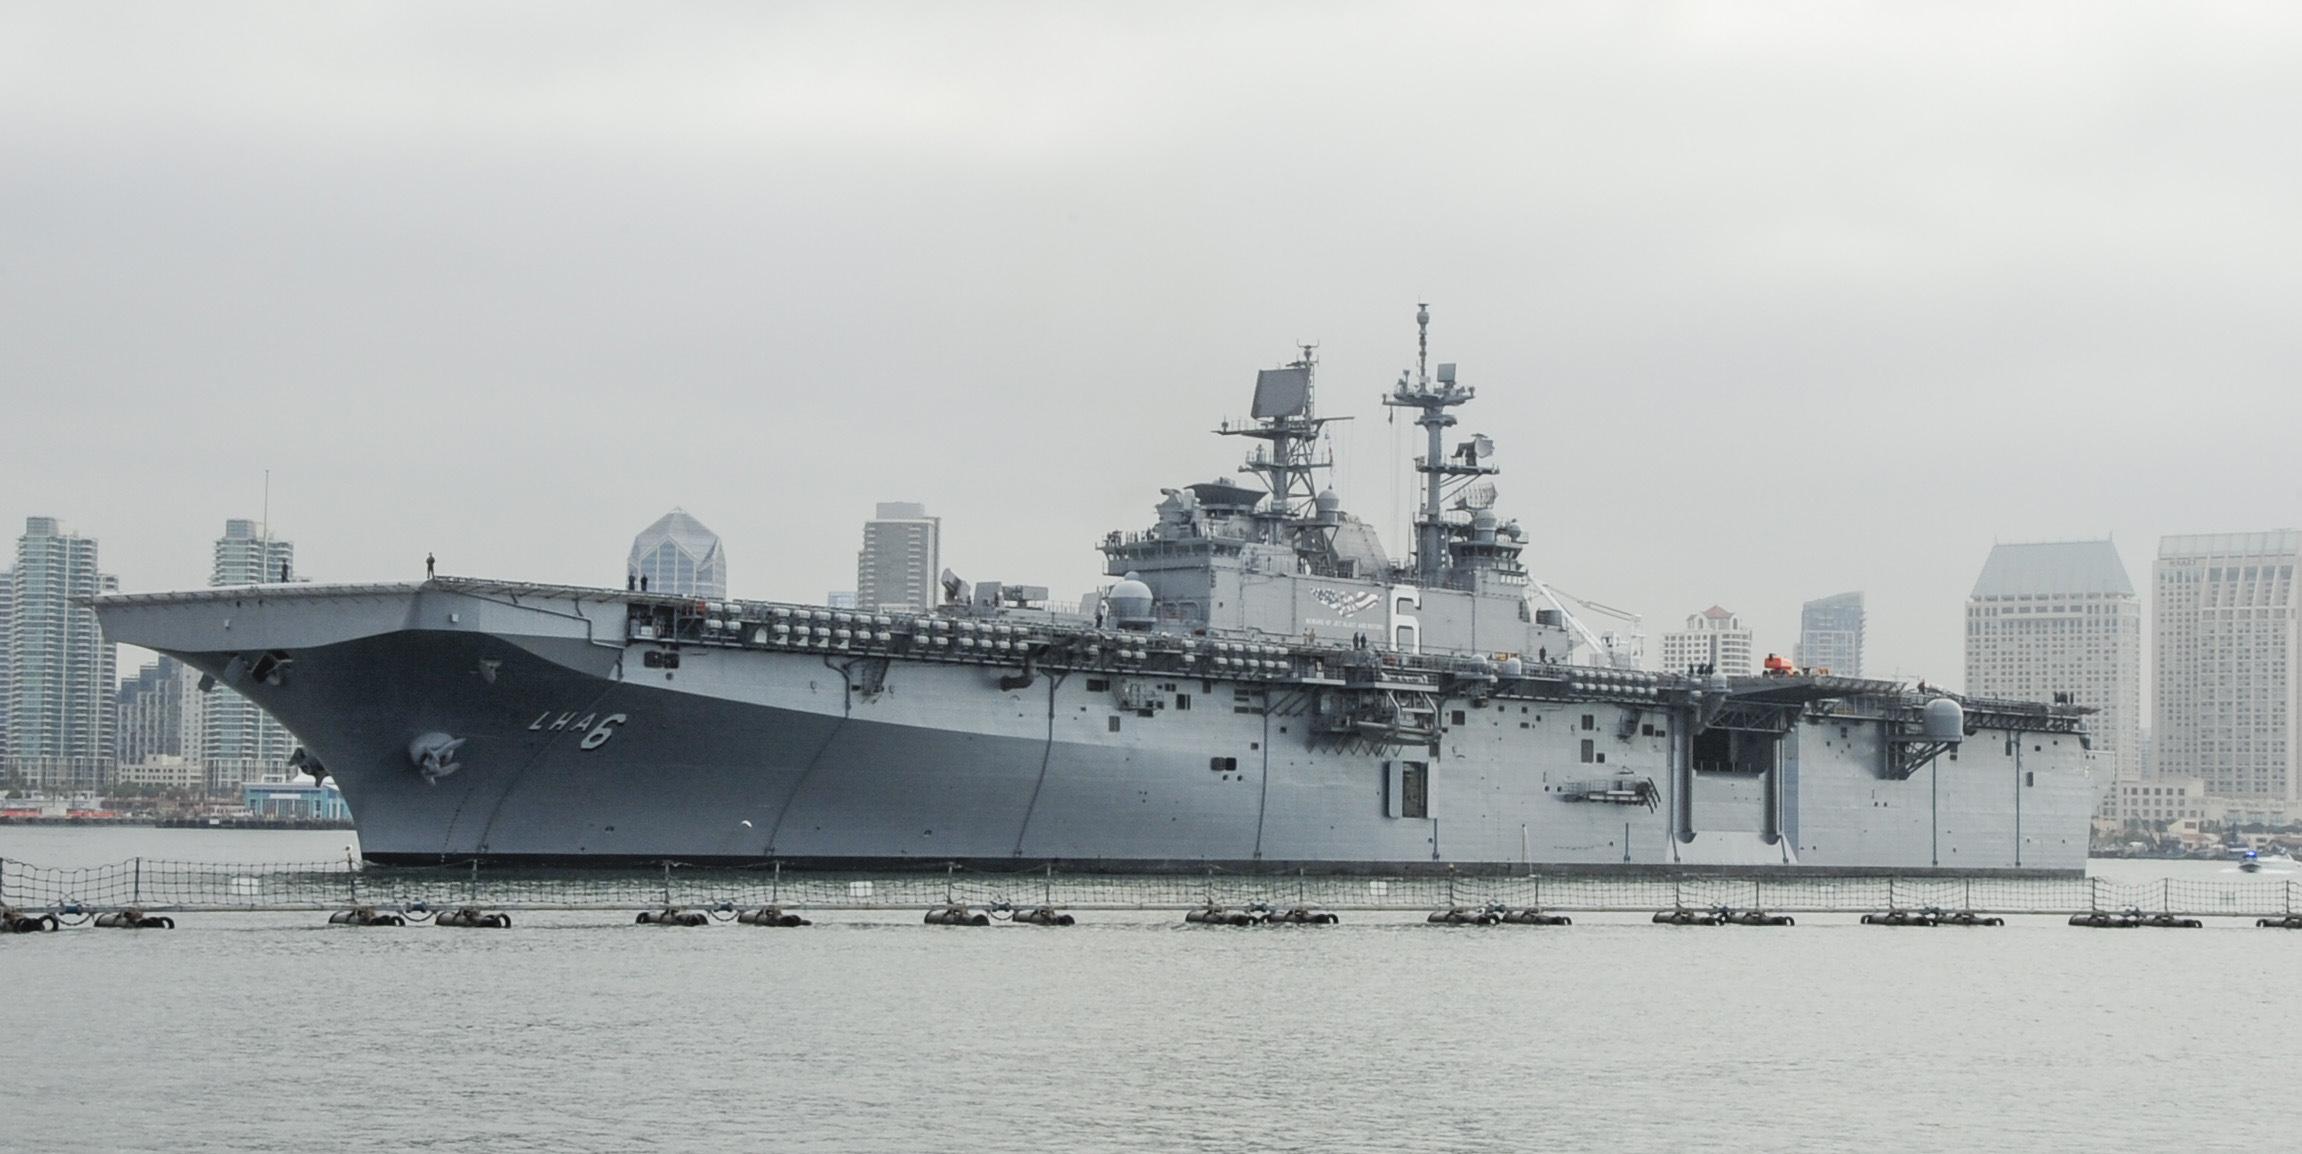 подробно фото американского корабля в басфорд прекрасного пола давно